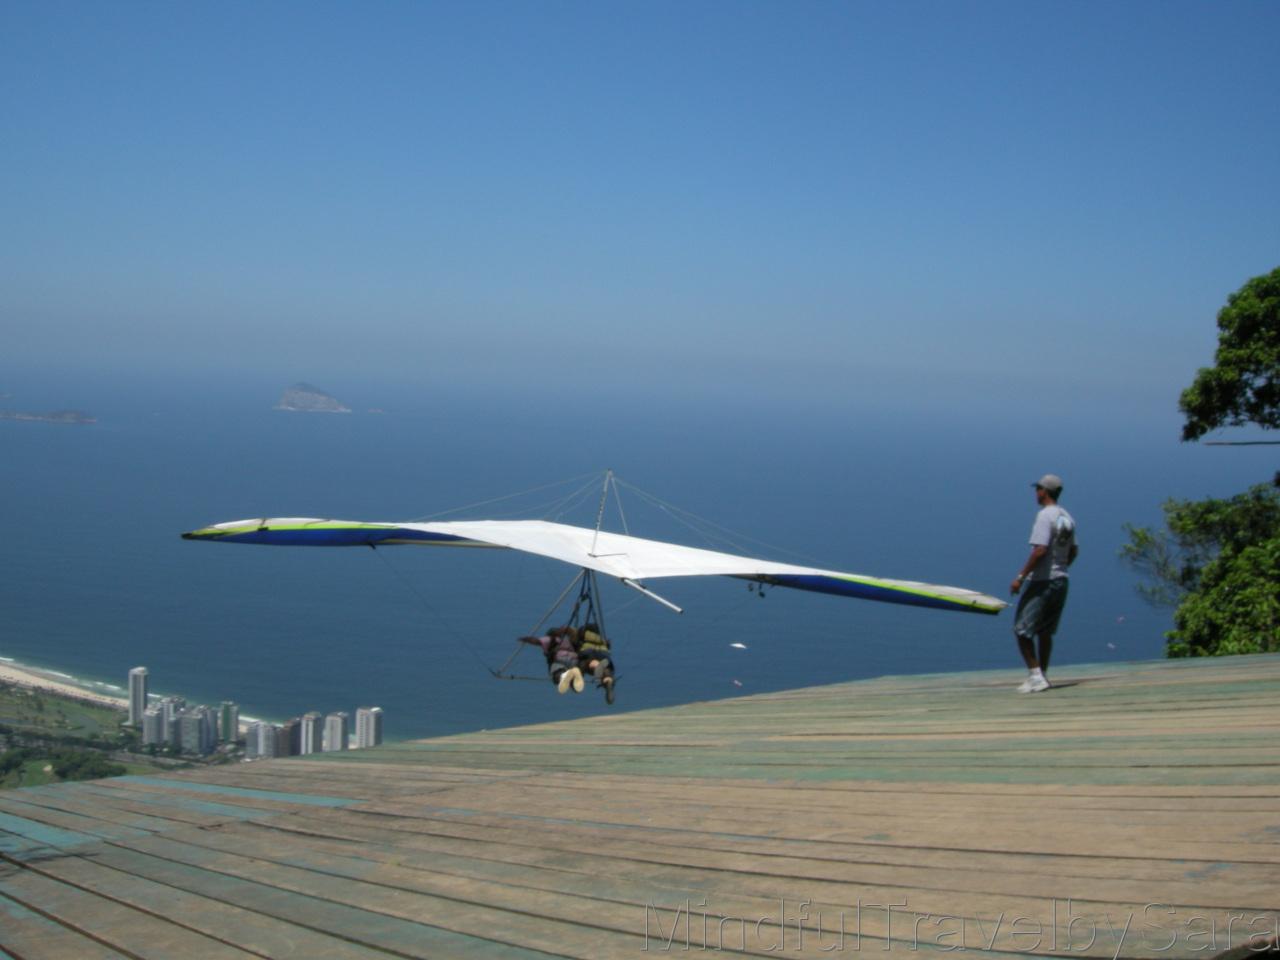 Views of Rio de Janeiro from a hang-glider